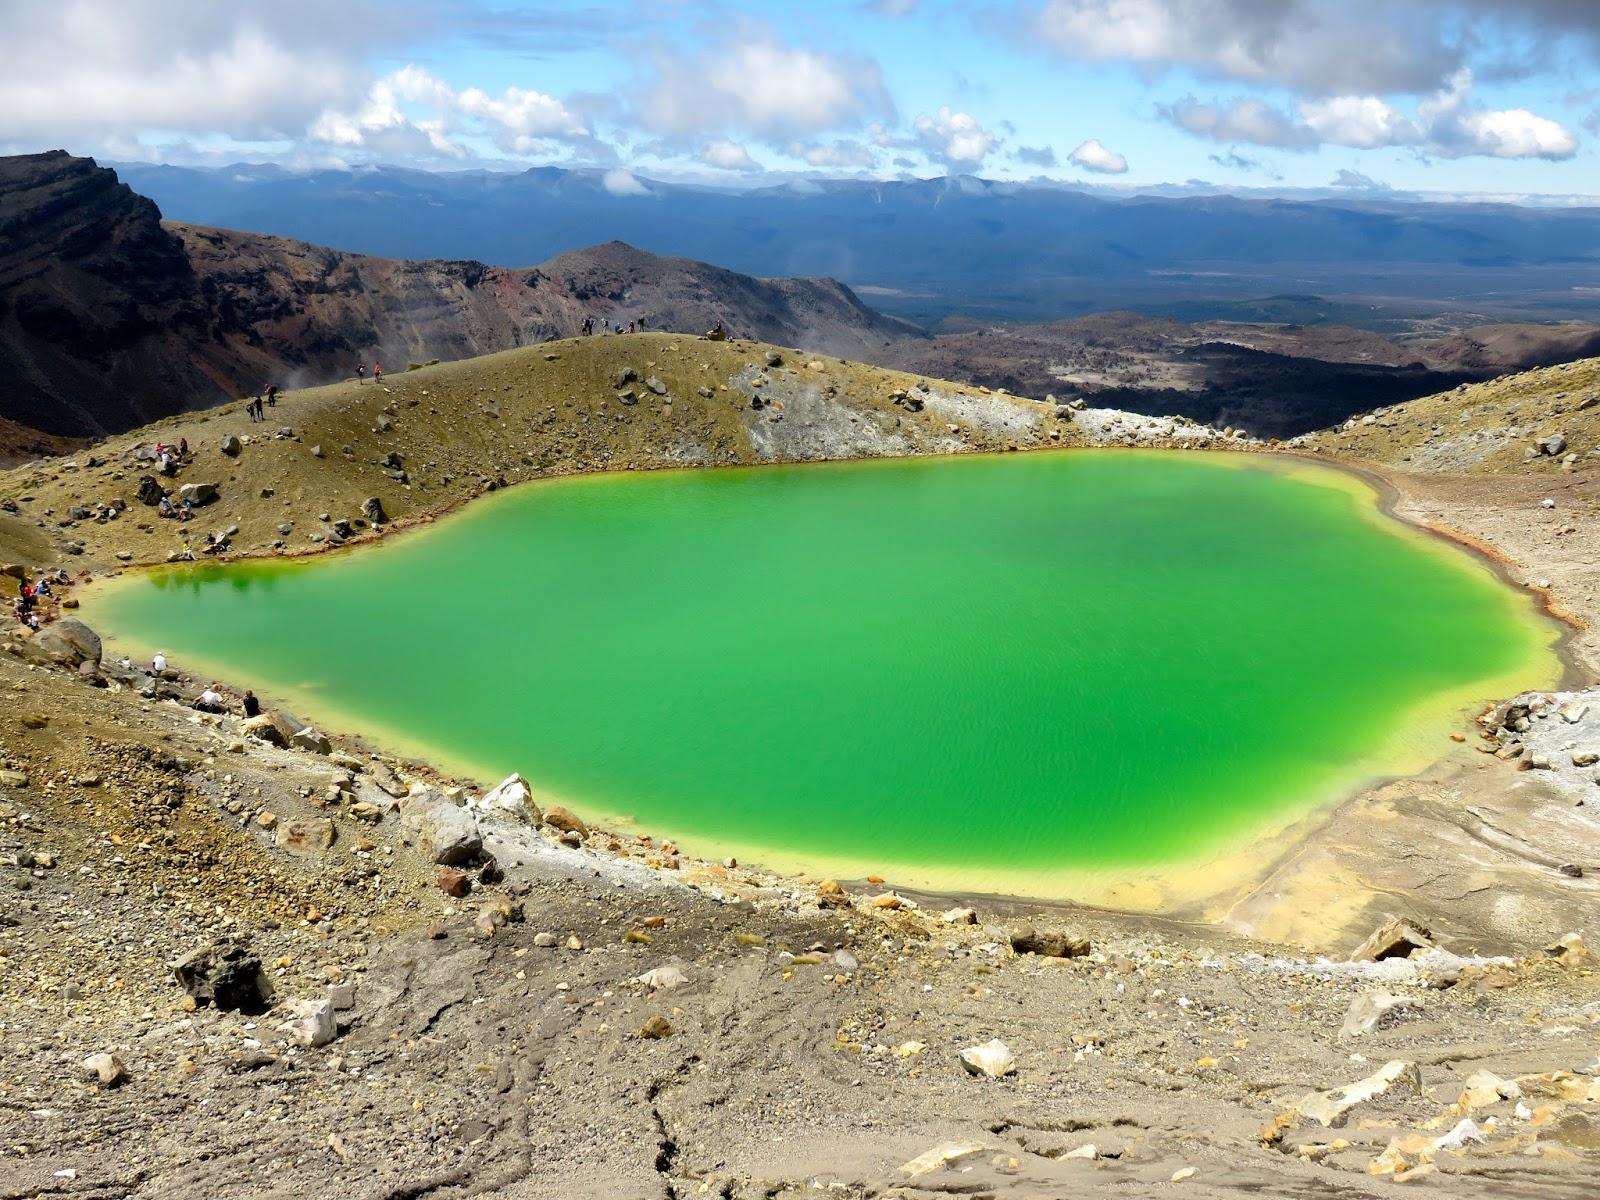 картинки цветных озера